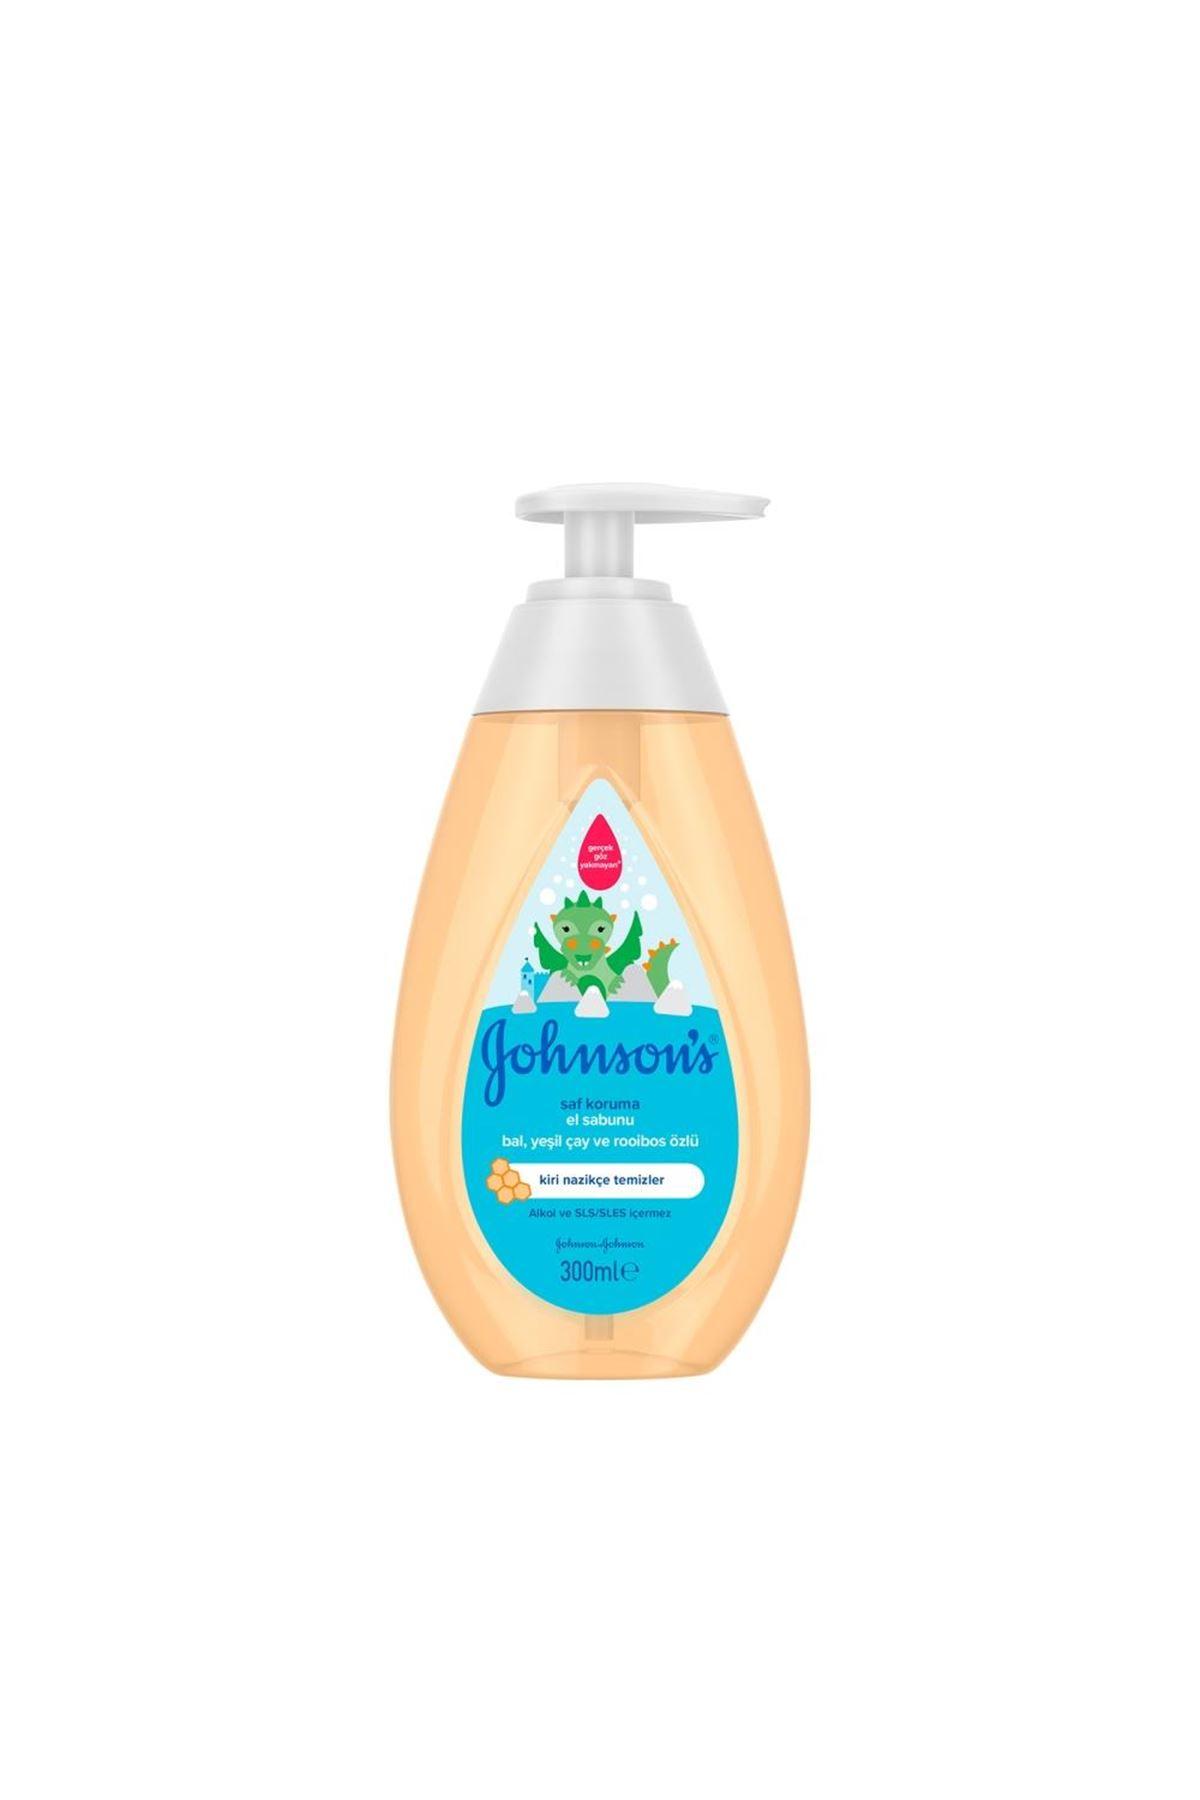 Johnson's Baby Sıvı Sabun Saf Koruma El Sabunu 300 ml